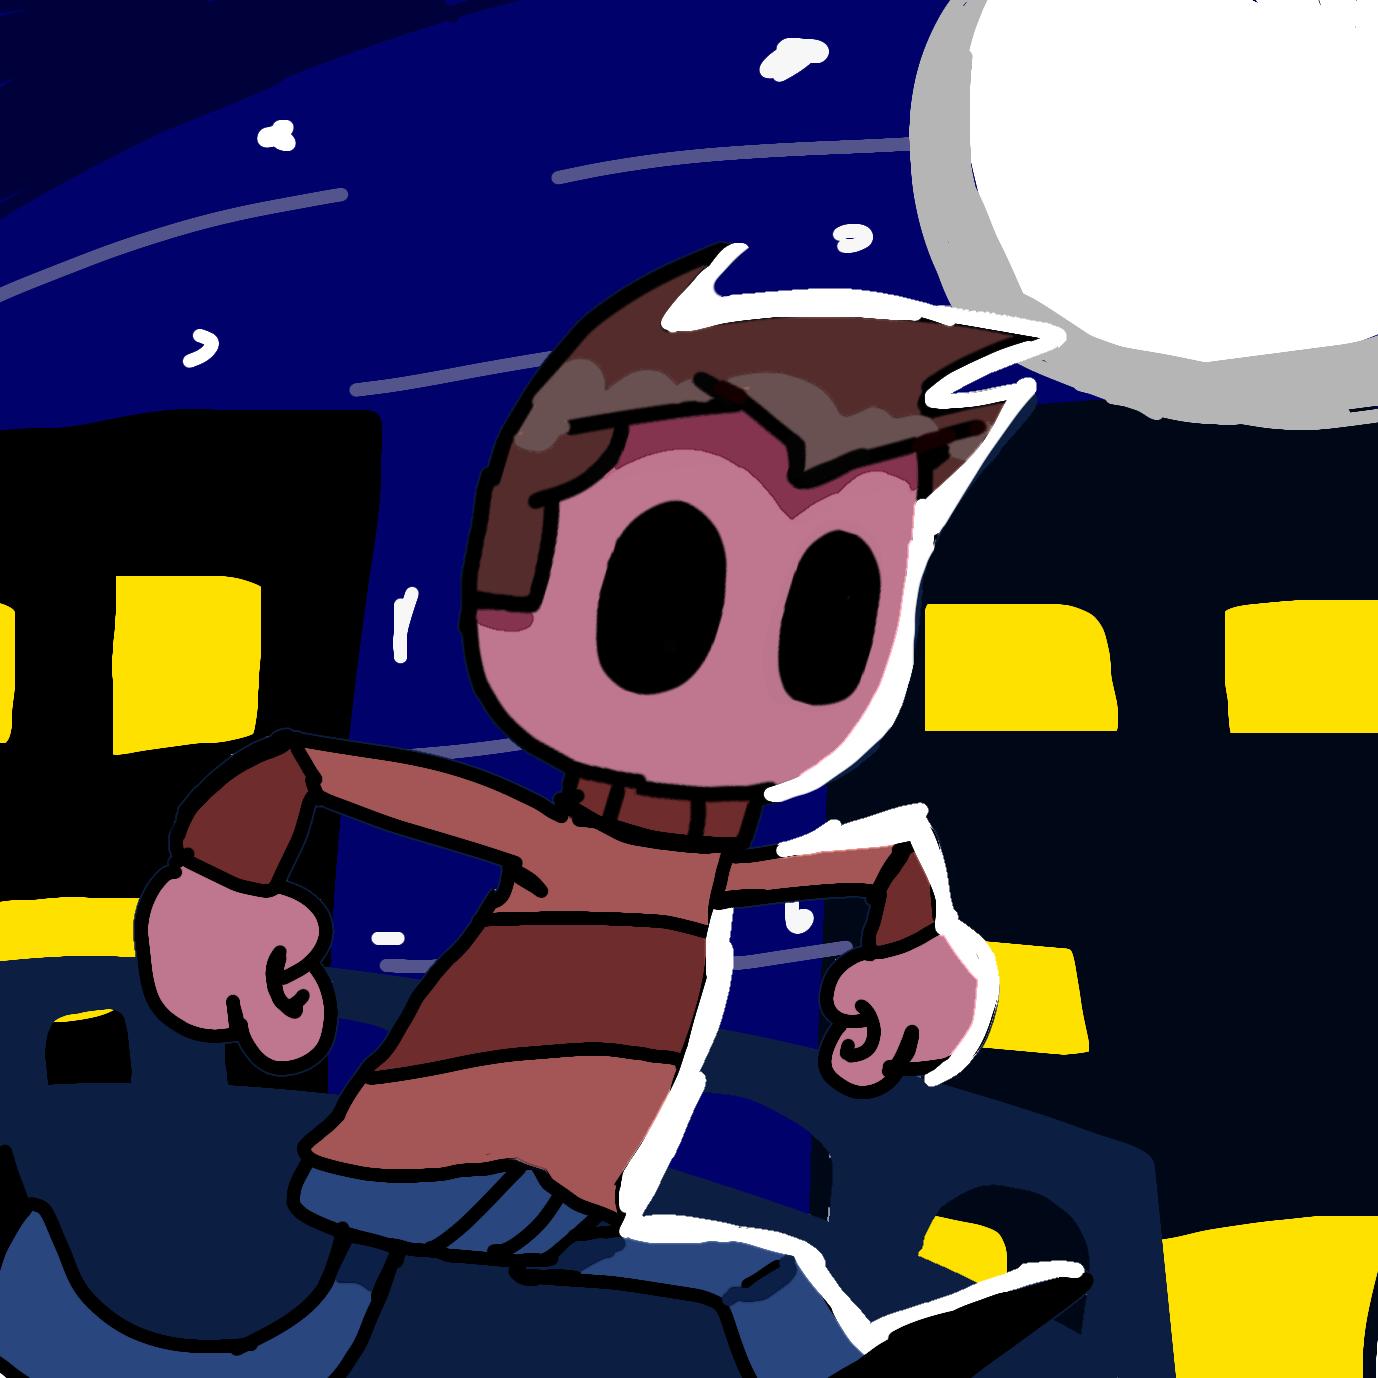 Night jog